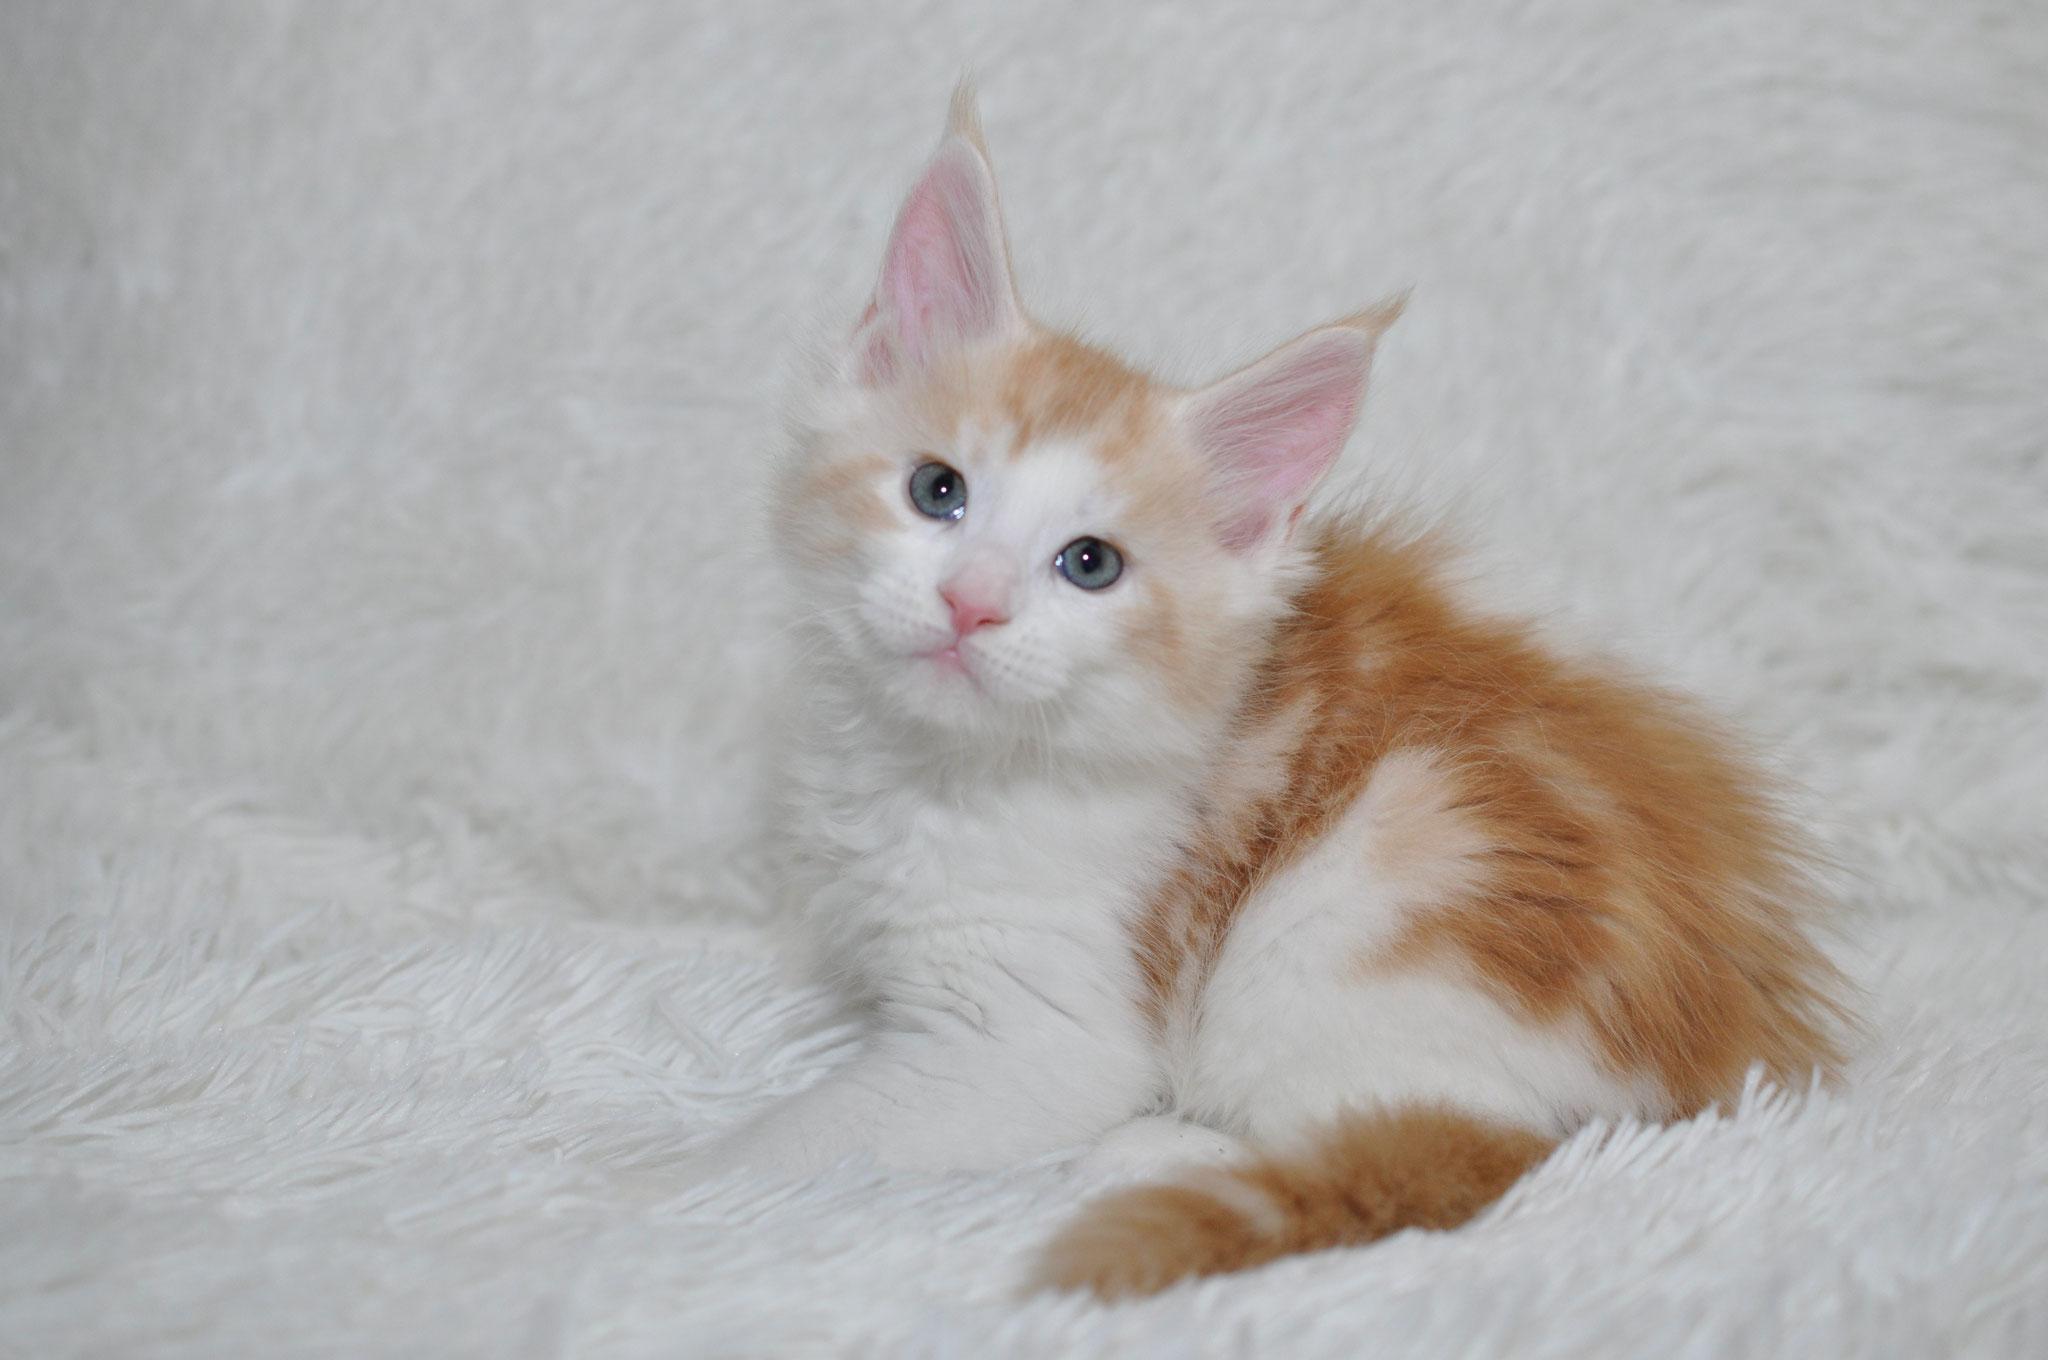 Kikilo 7 weeks